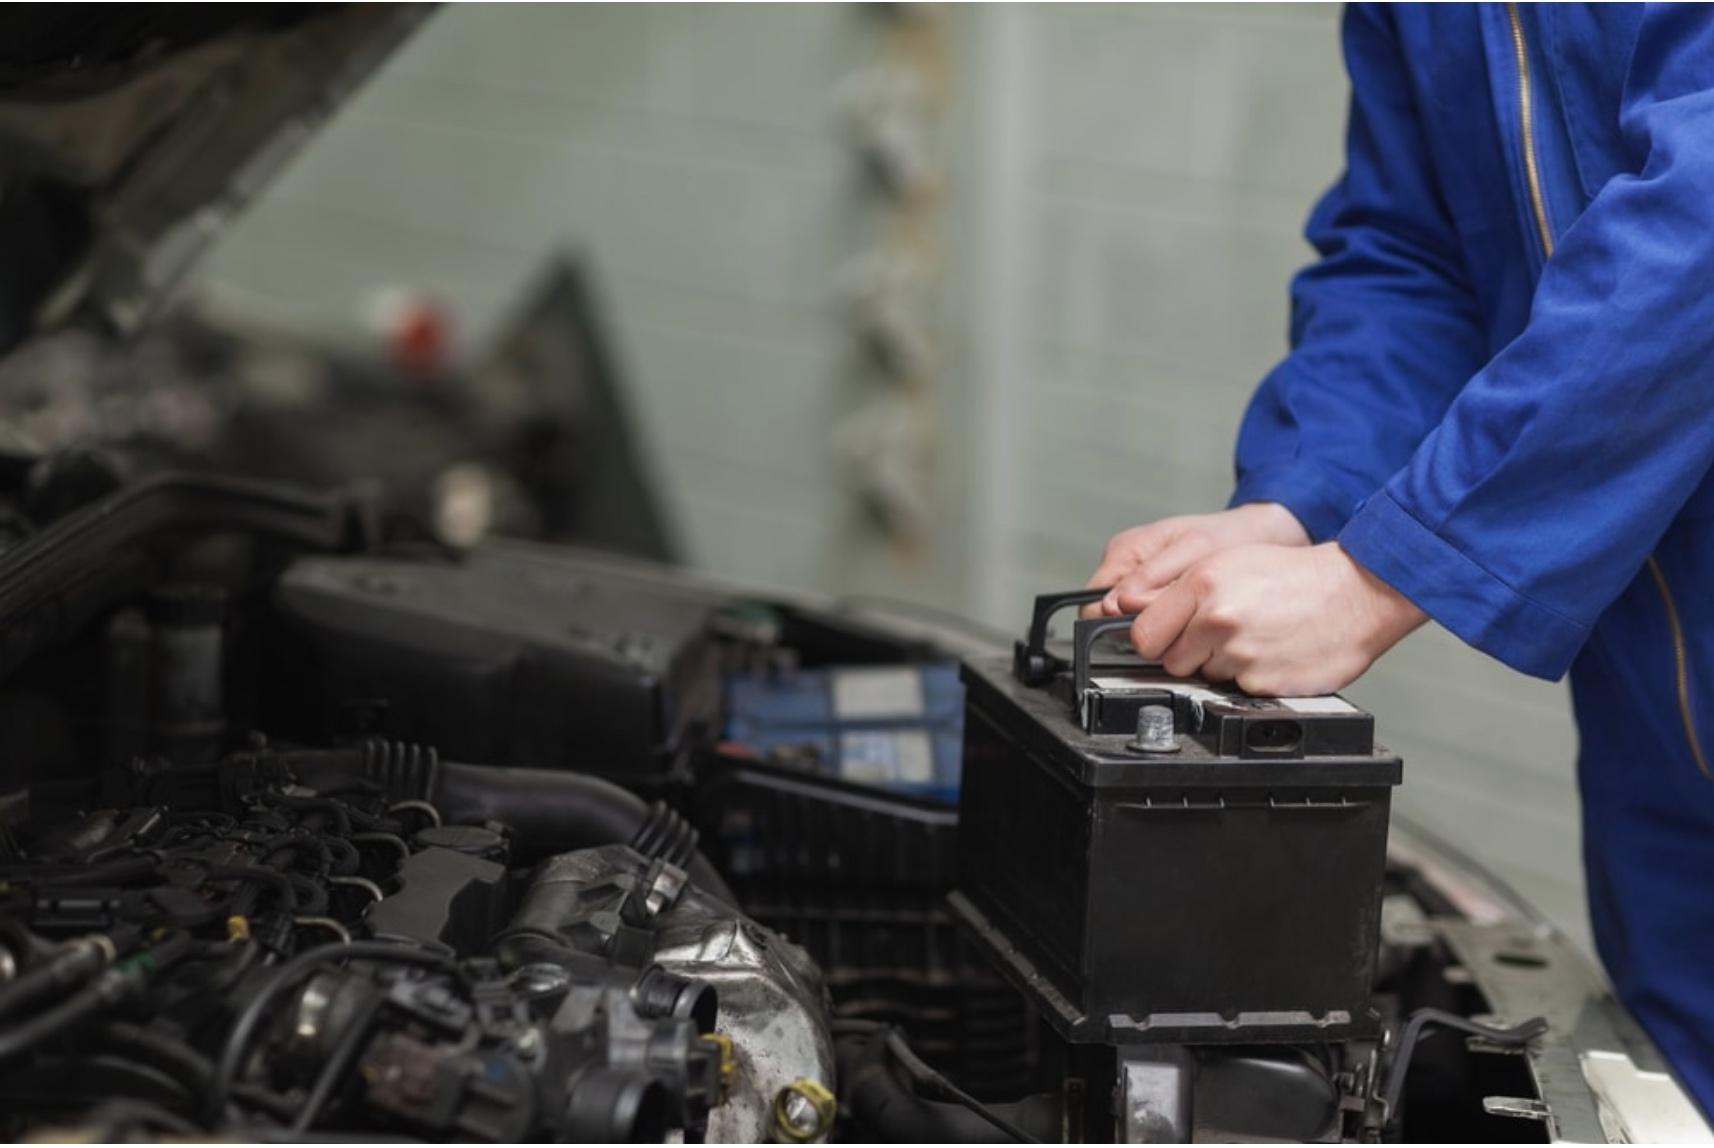 Manutenção preventiva e bons hábitos ajudam a bateria do carro a durar mais